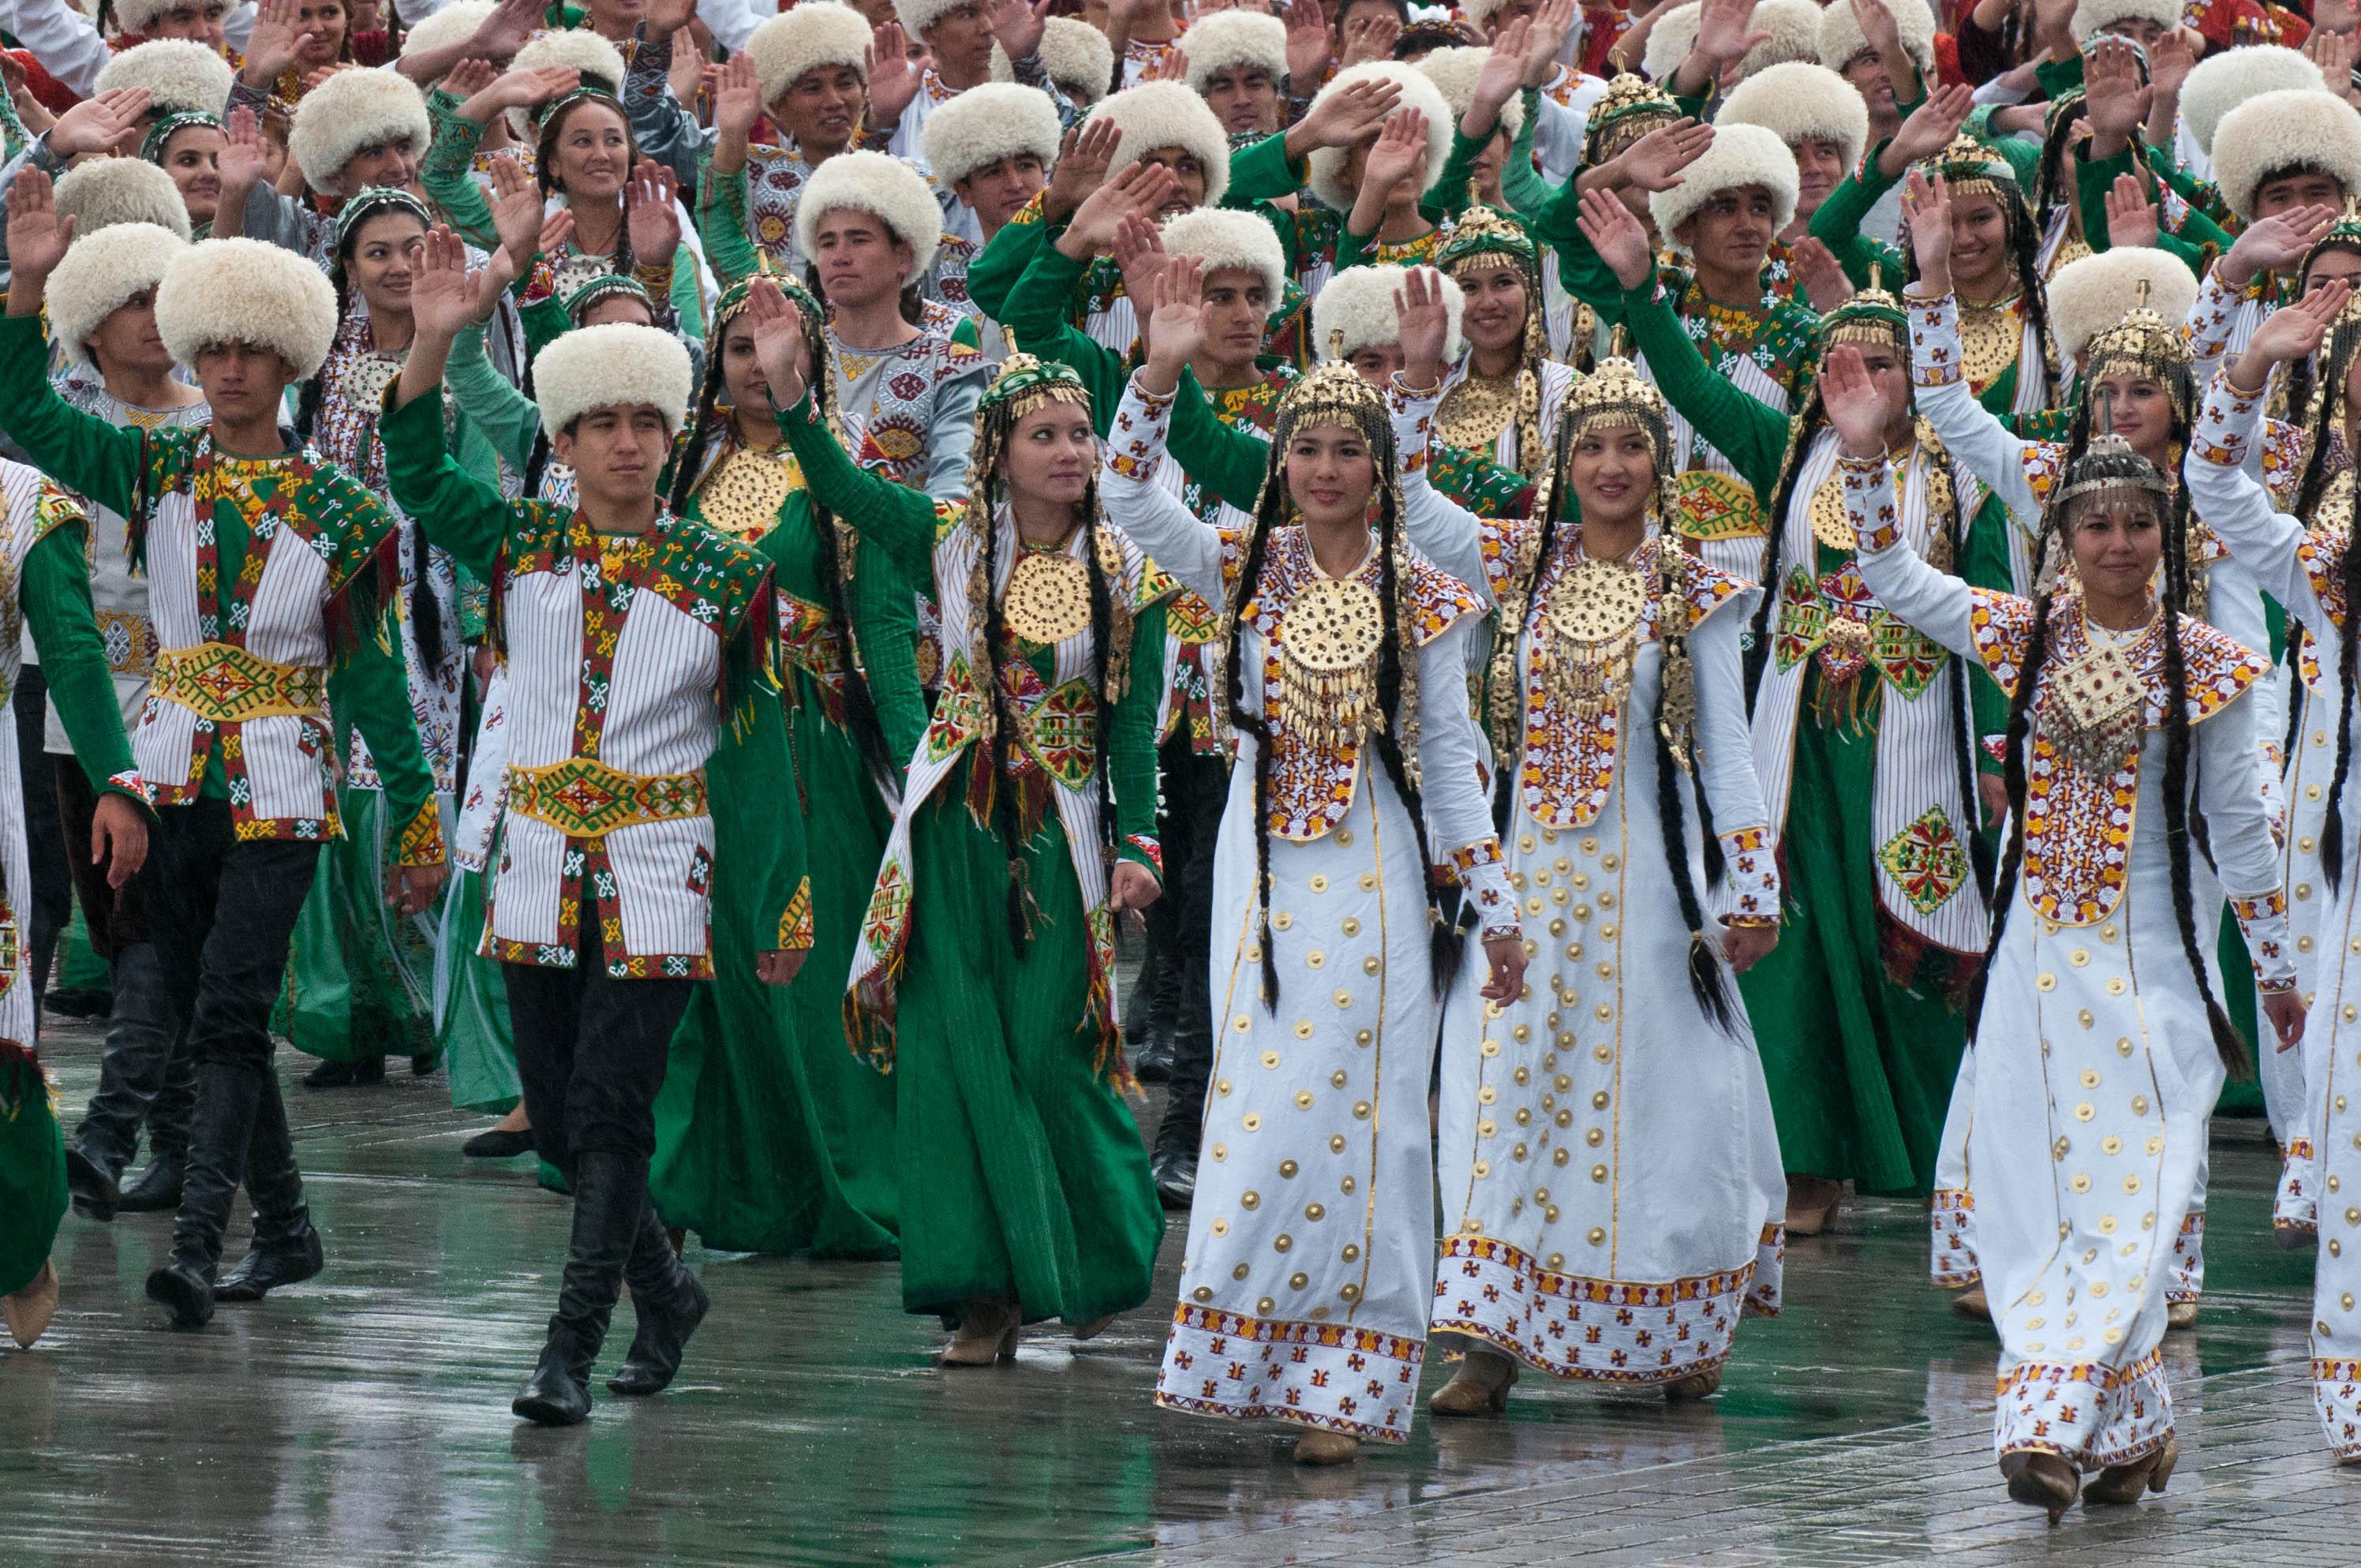 Жители Туркменистана в национальных костюмах